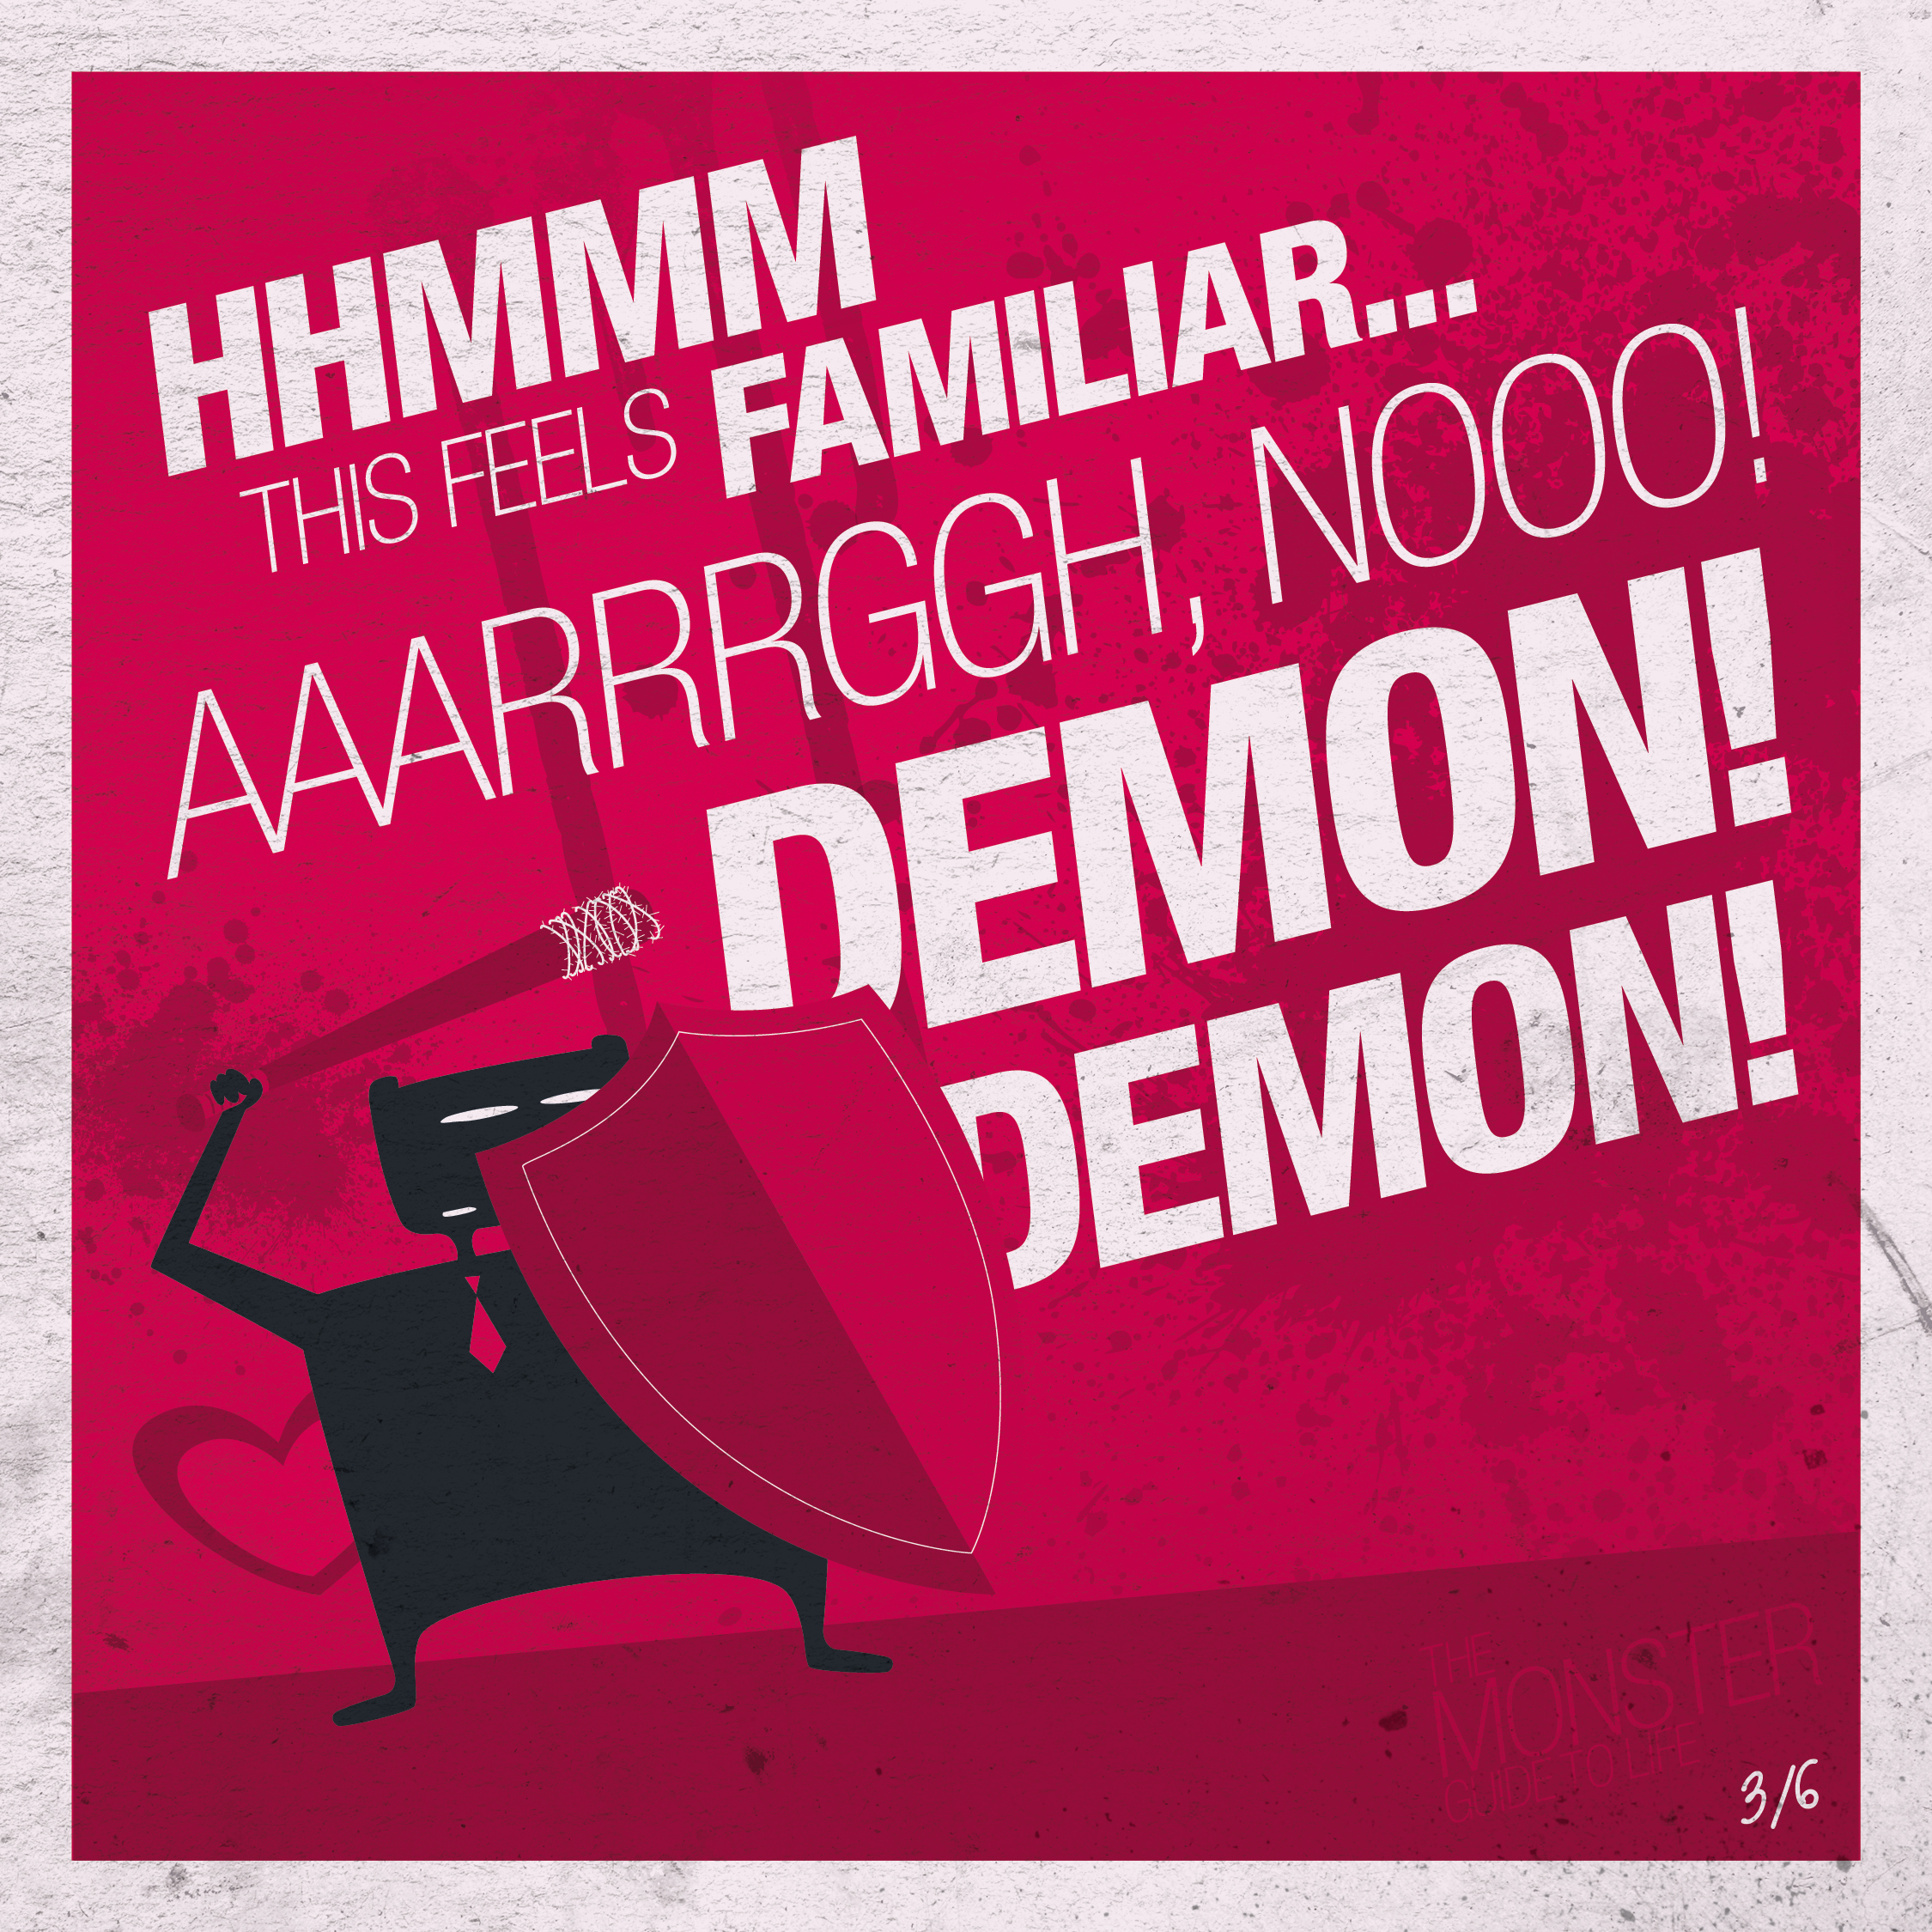 Hhmmm this feels familiar...aaarrrggh, nooo! Demon! Demon!